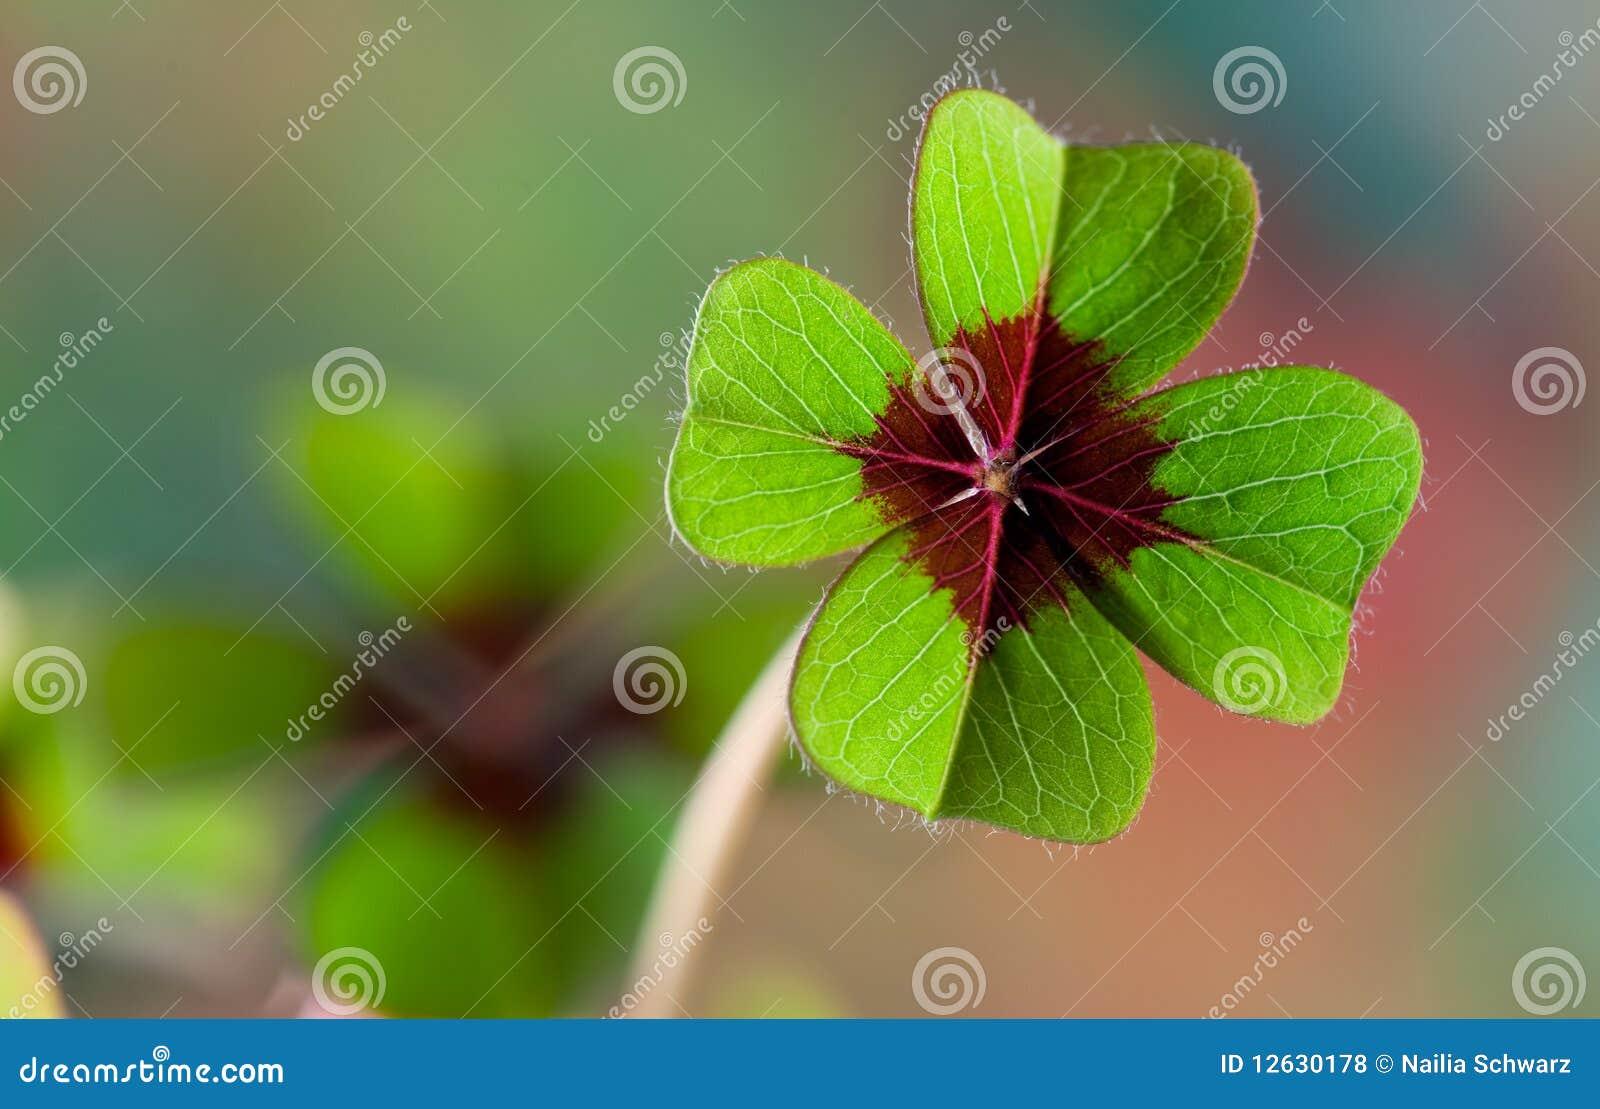 Cuatro - Trébol con hojas